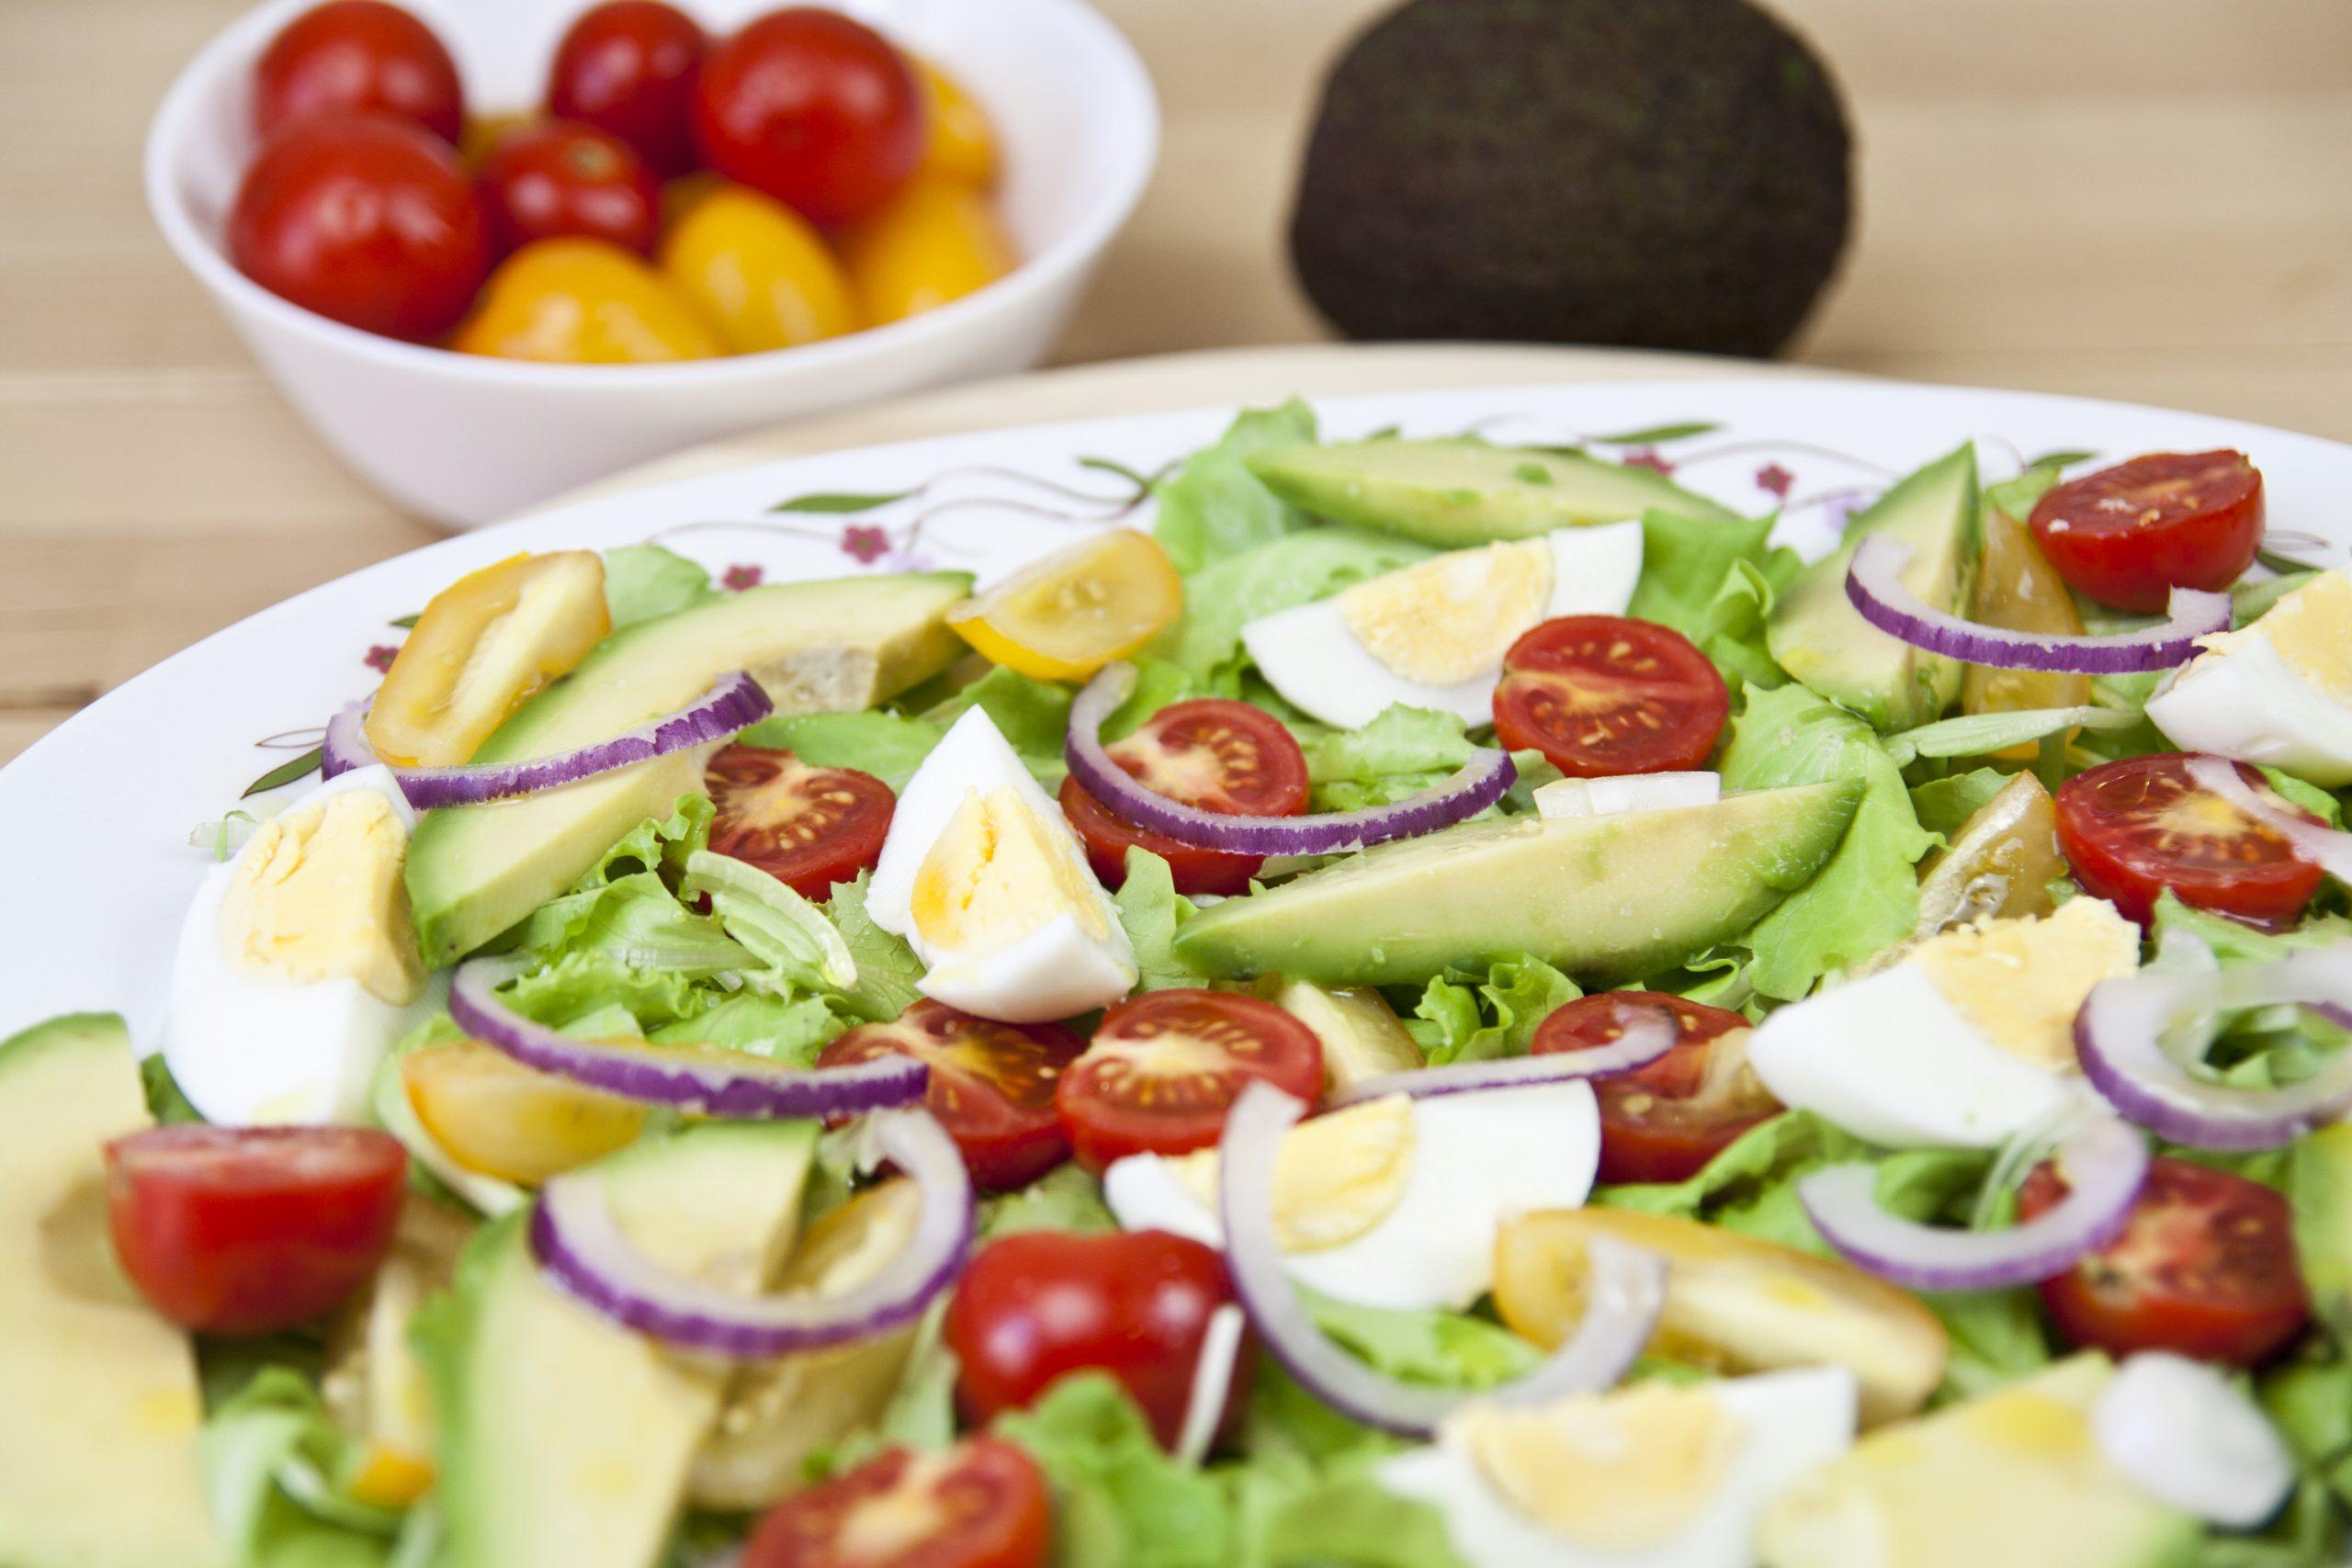 Insalata di avocado con uova e pomodori